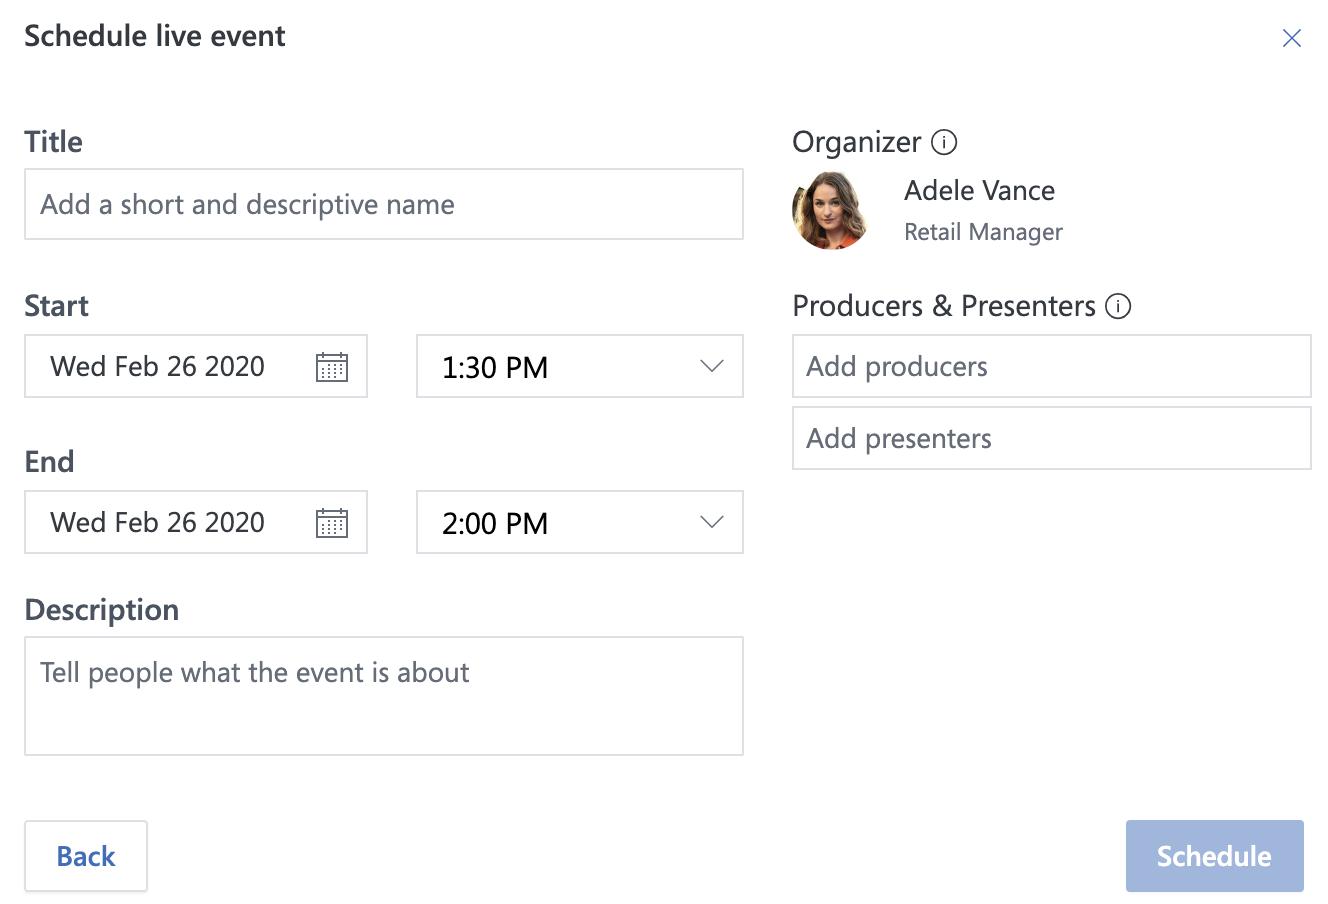 Live event dialog box